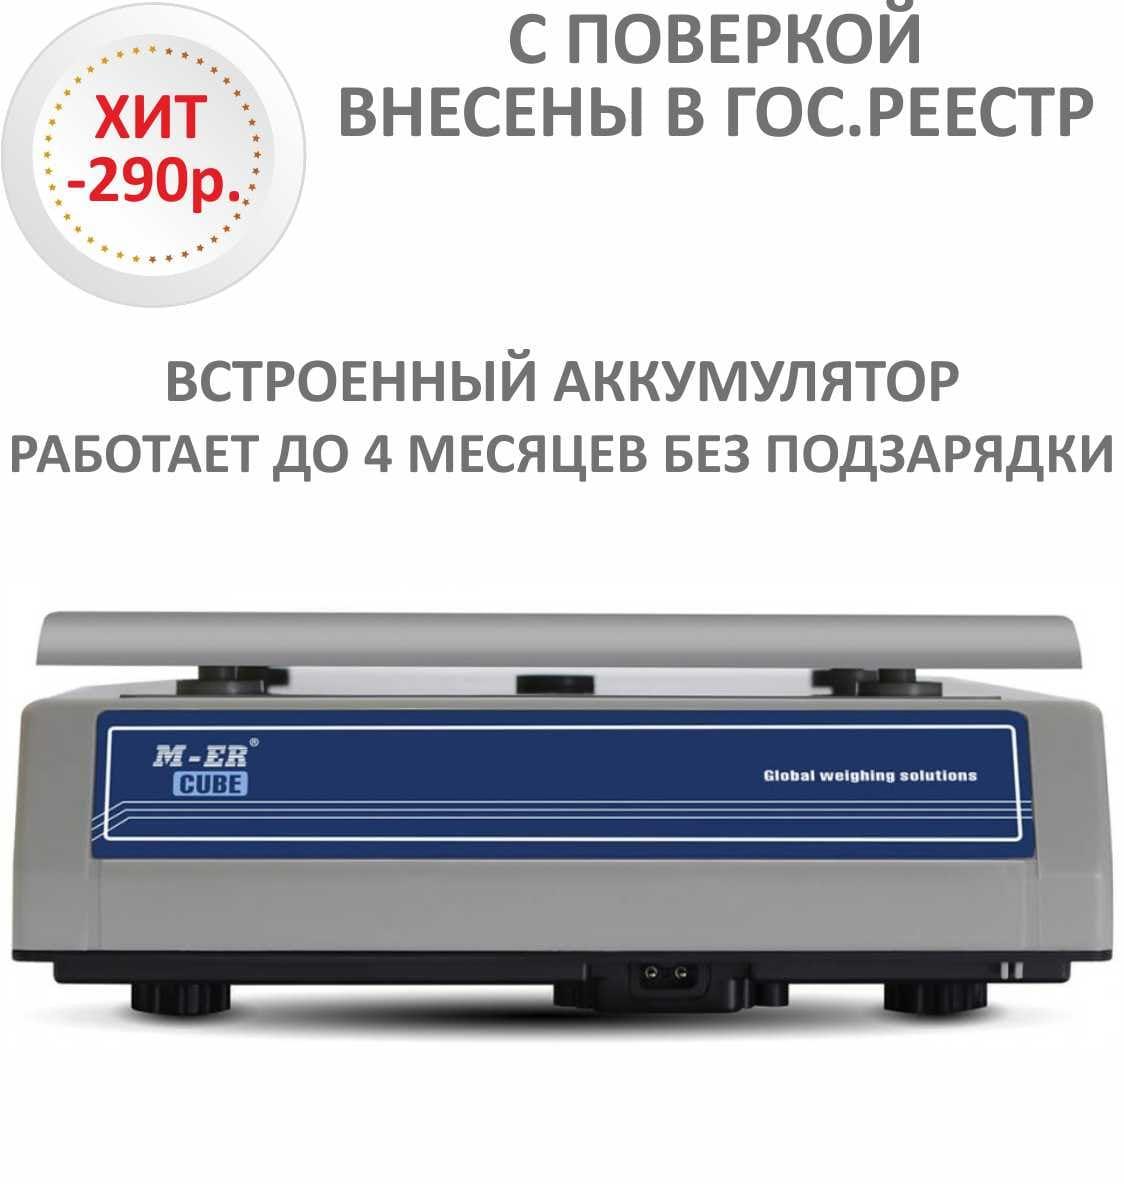 Весы торговые настольные M-ER 326AFL-6.1/15.2/32.5 Cube LCD - вид сзади